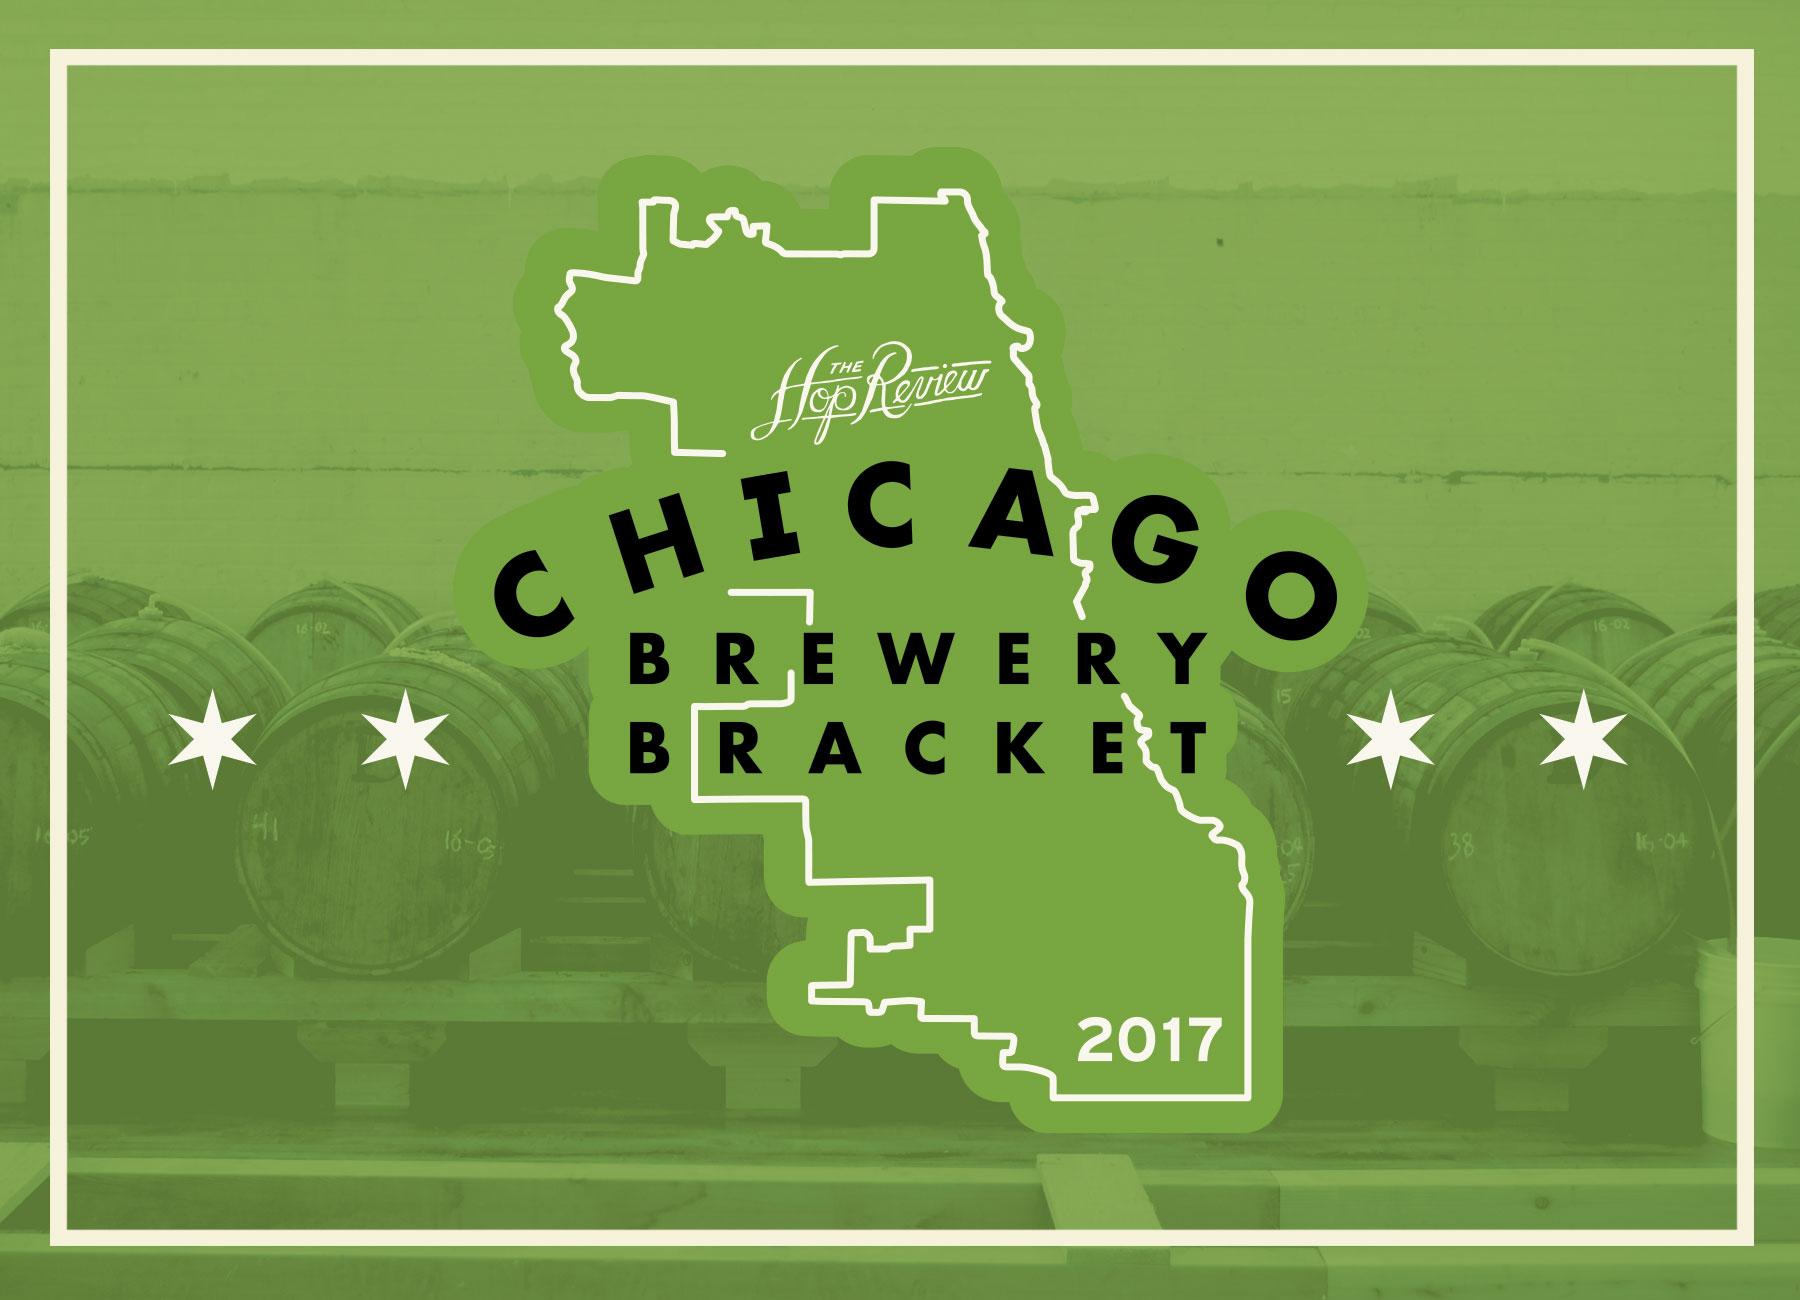 THR's 2017 Chicago Brewery Bracket Champion